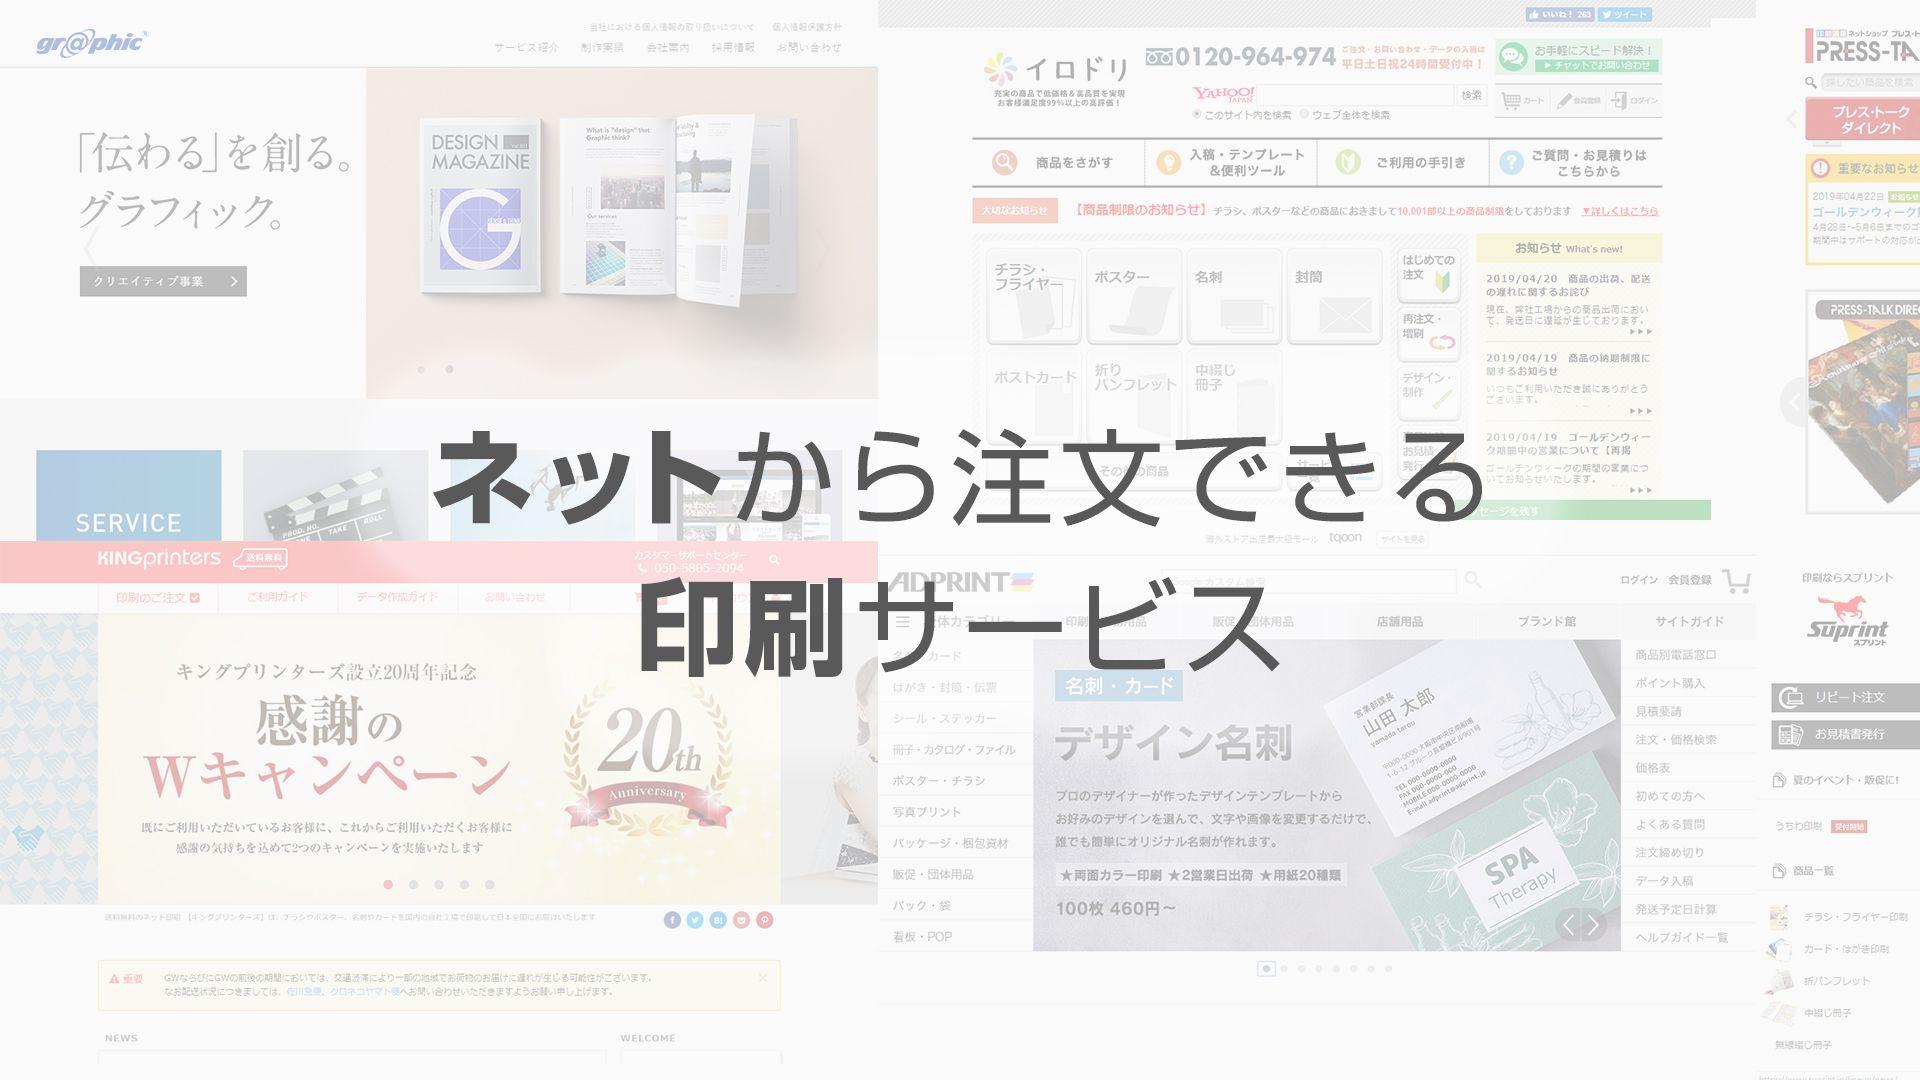 ネットから注文できる総合印刷業者リスト